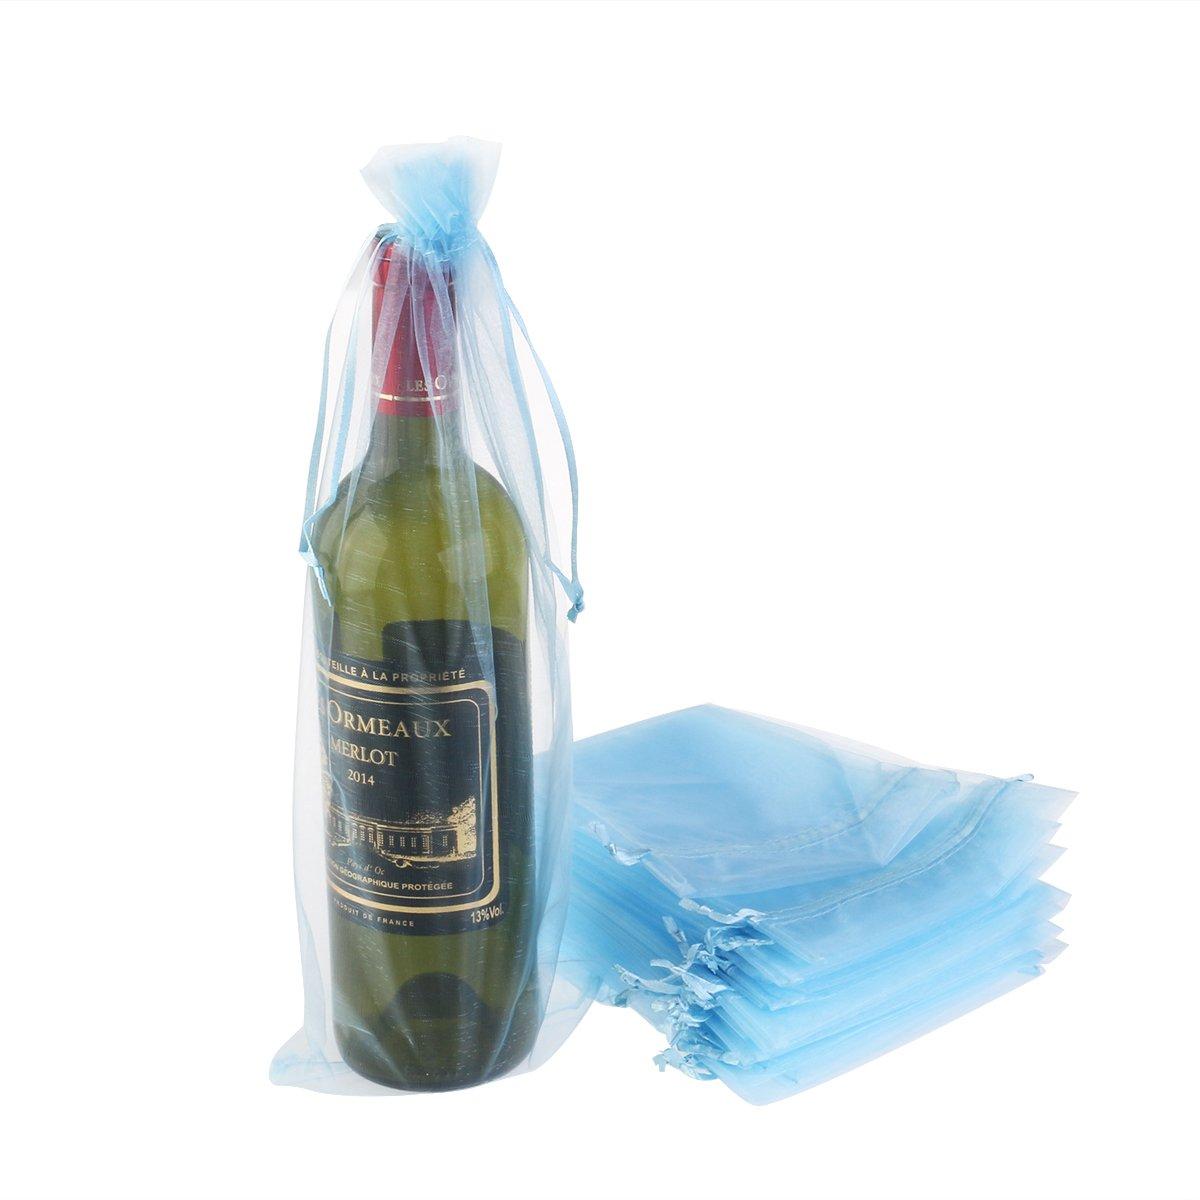 LUOEM Borse Porta Vino Borse Portabottiglie Sacchetti da Regalo Organza Azzurro 37x15cm 20 Pezzi